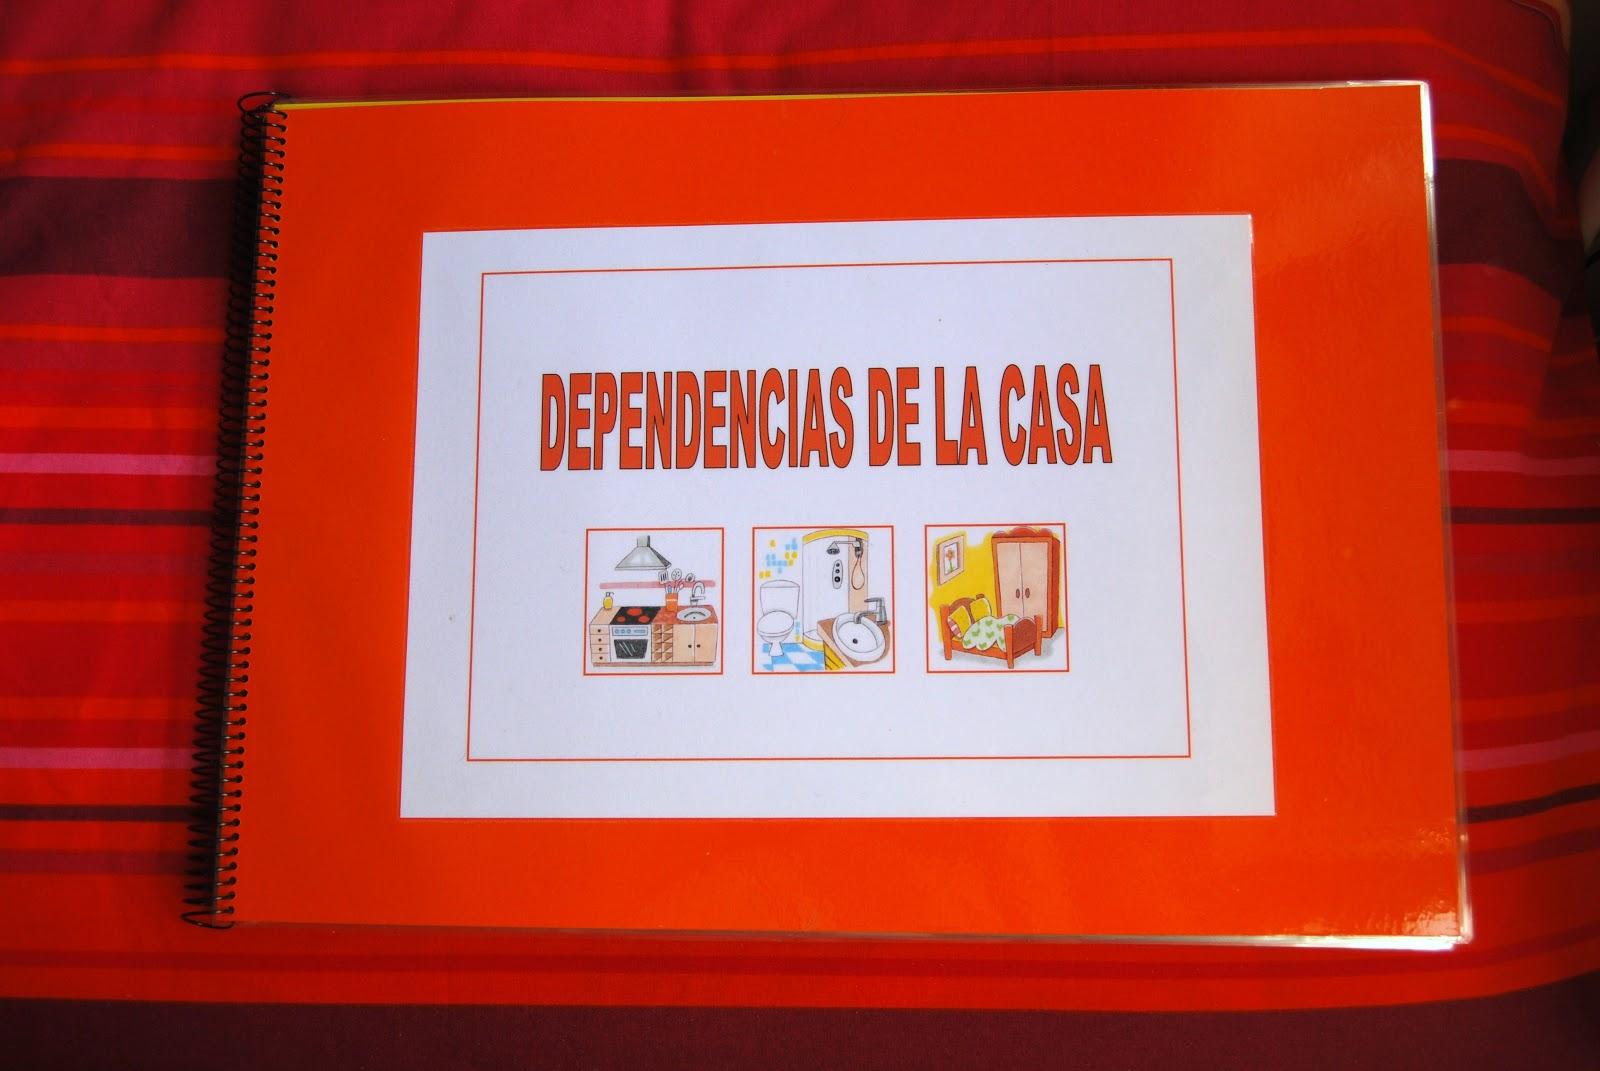 Imagenes De Las Dependencias De La Escuela | MEJOR CONJUNTO DE FRASES